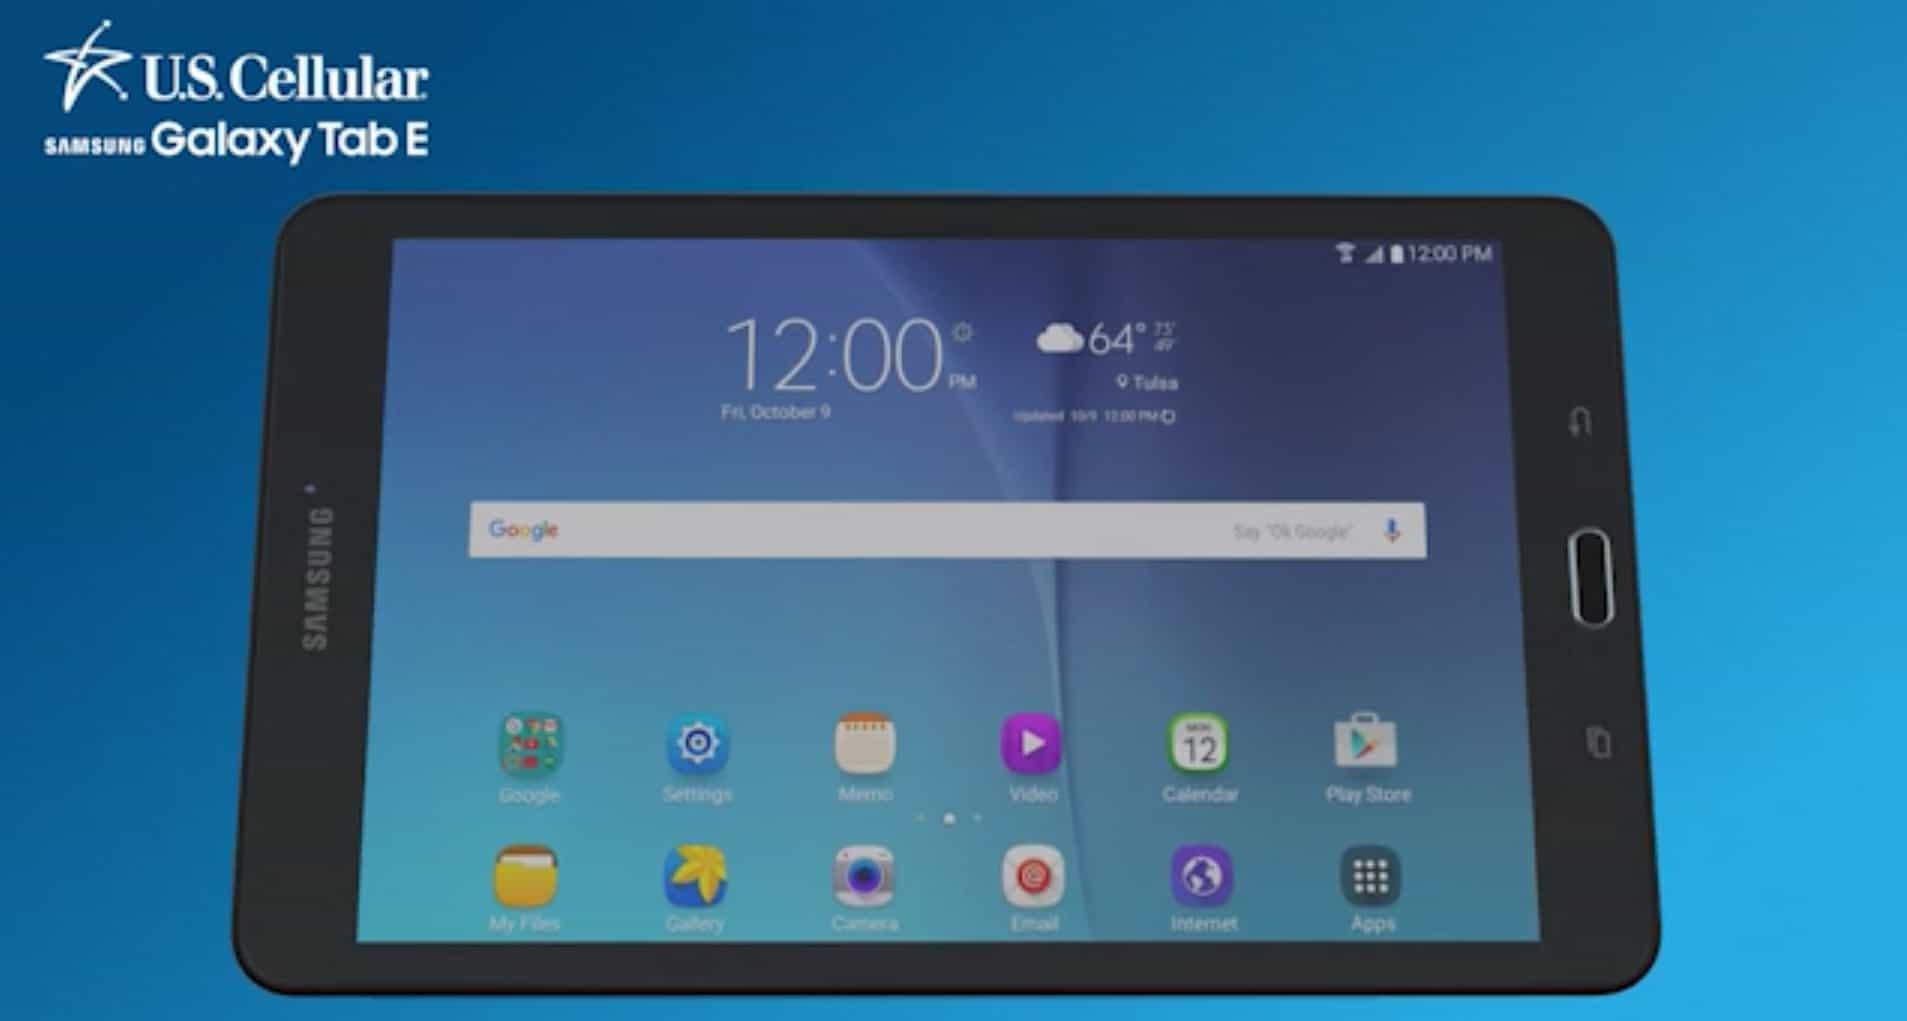 Galaxy Tab E U.S. Cellular